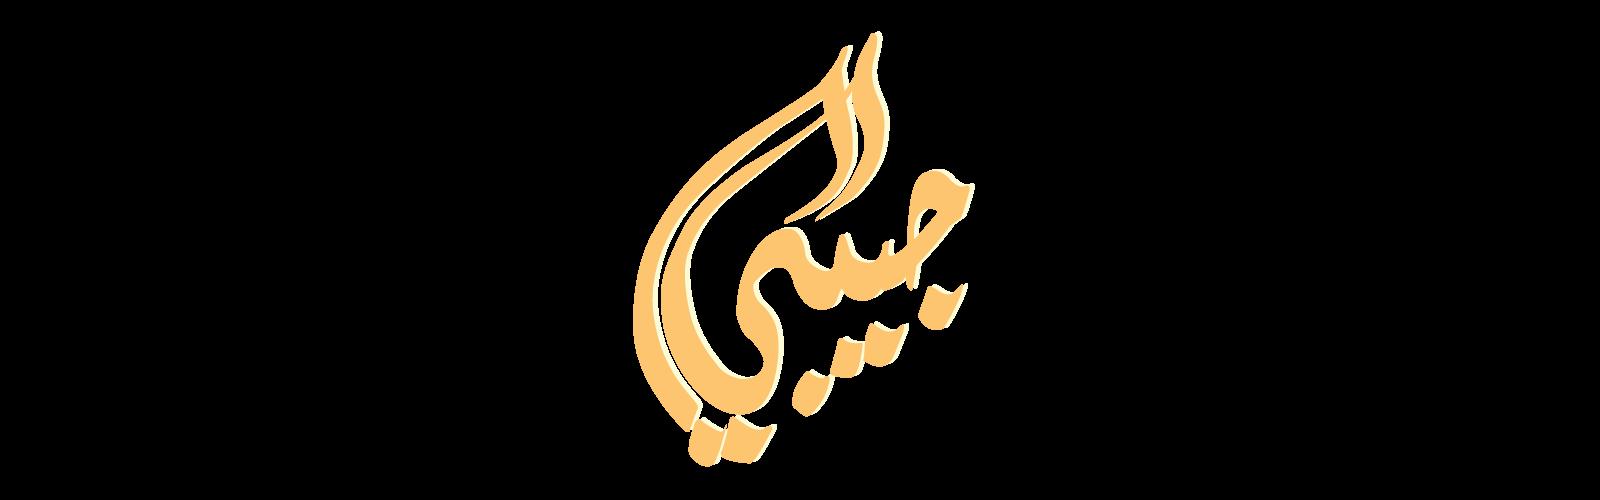 habibi-title